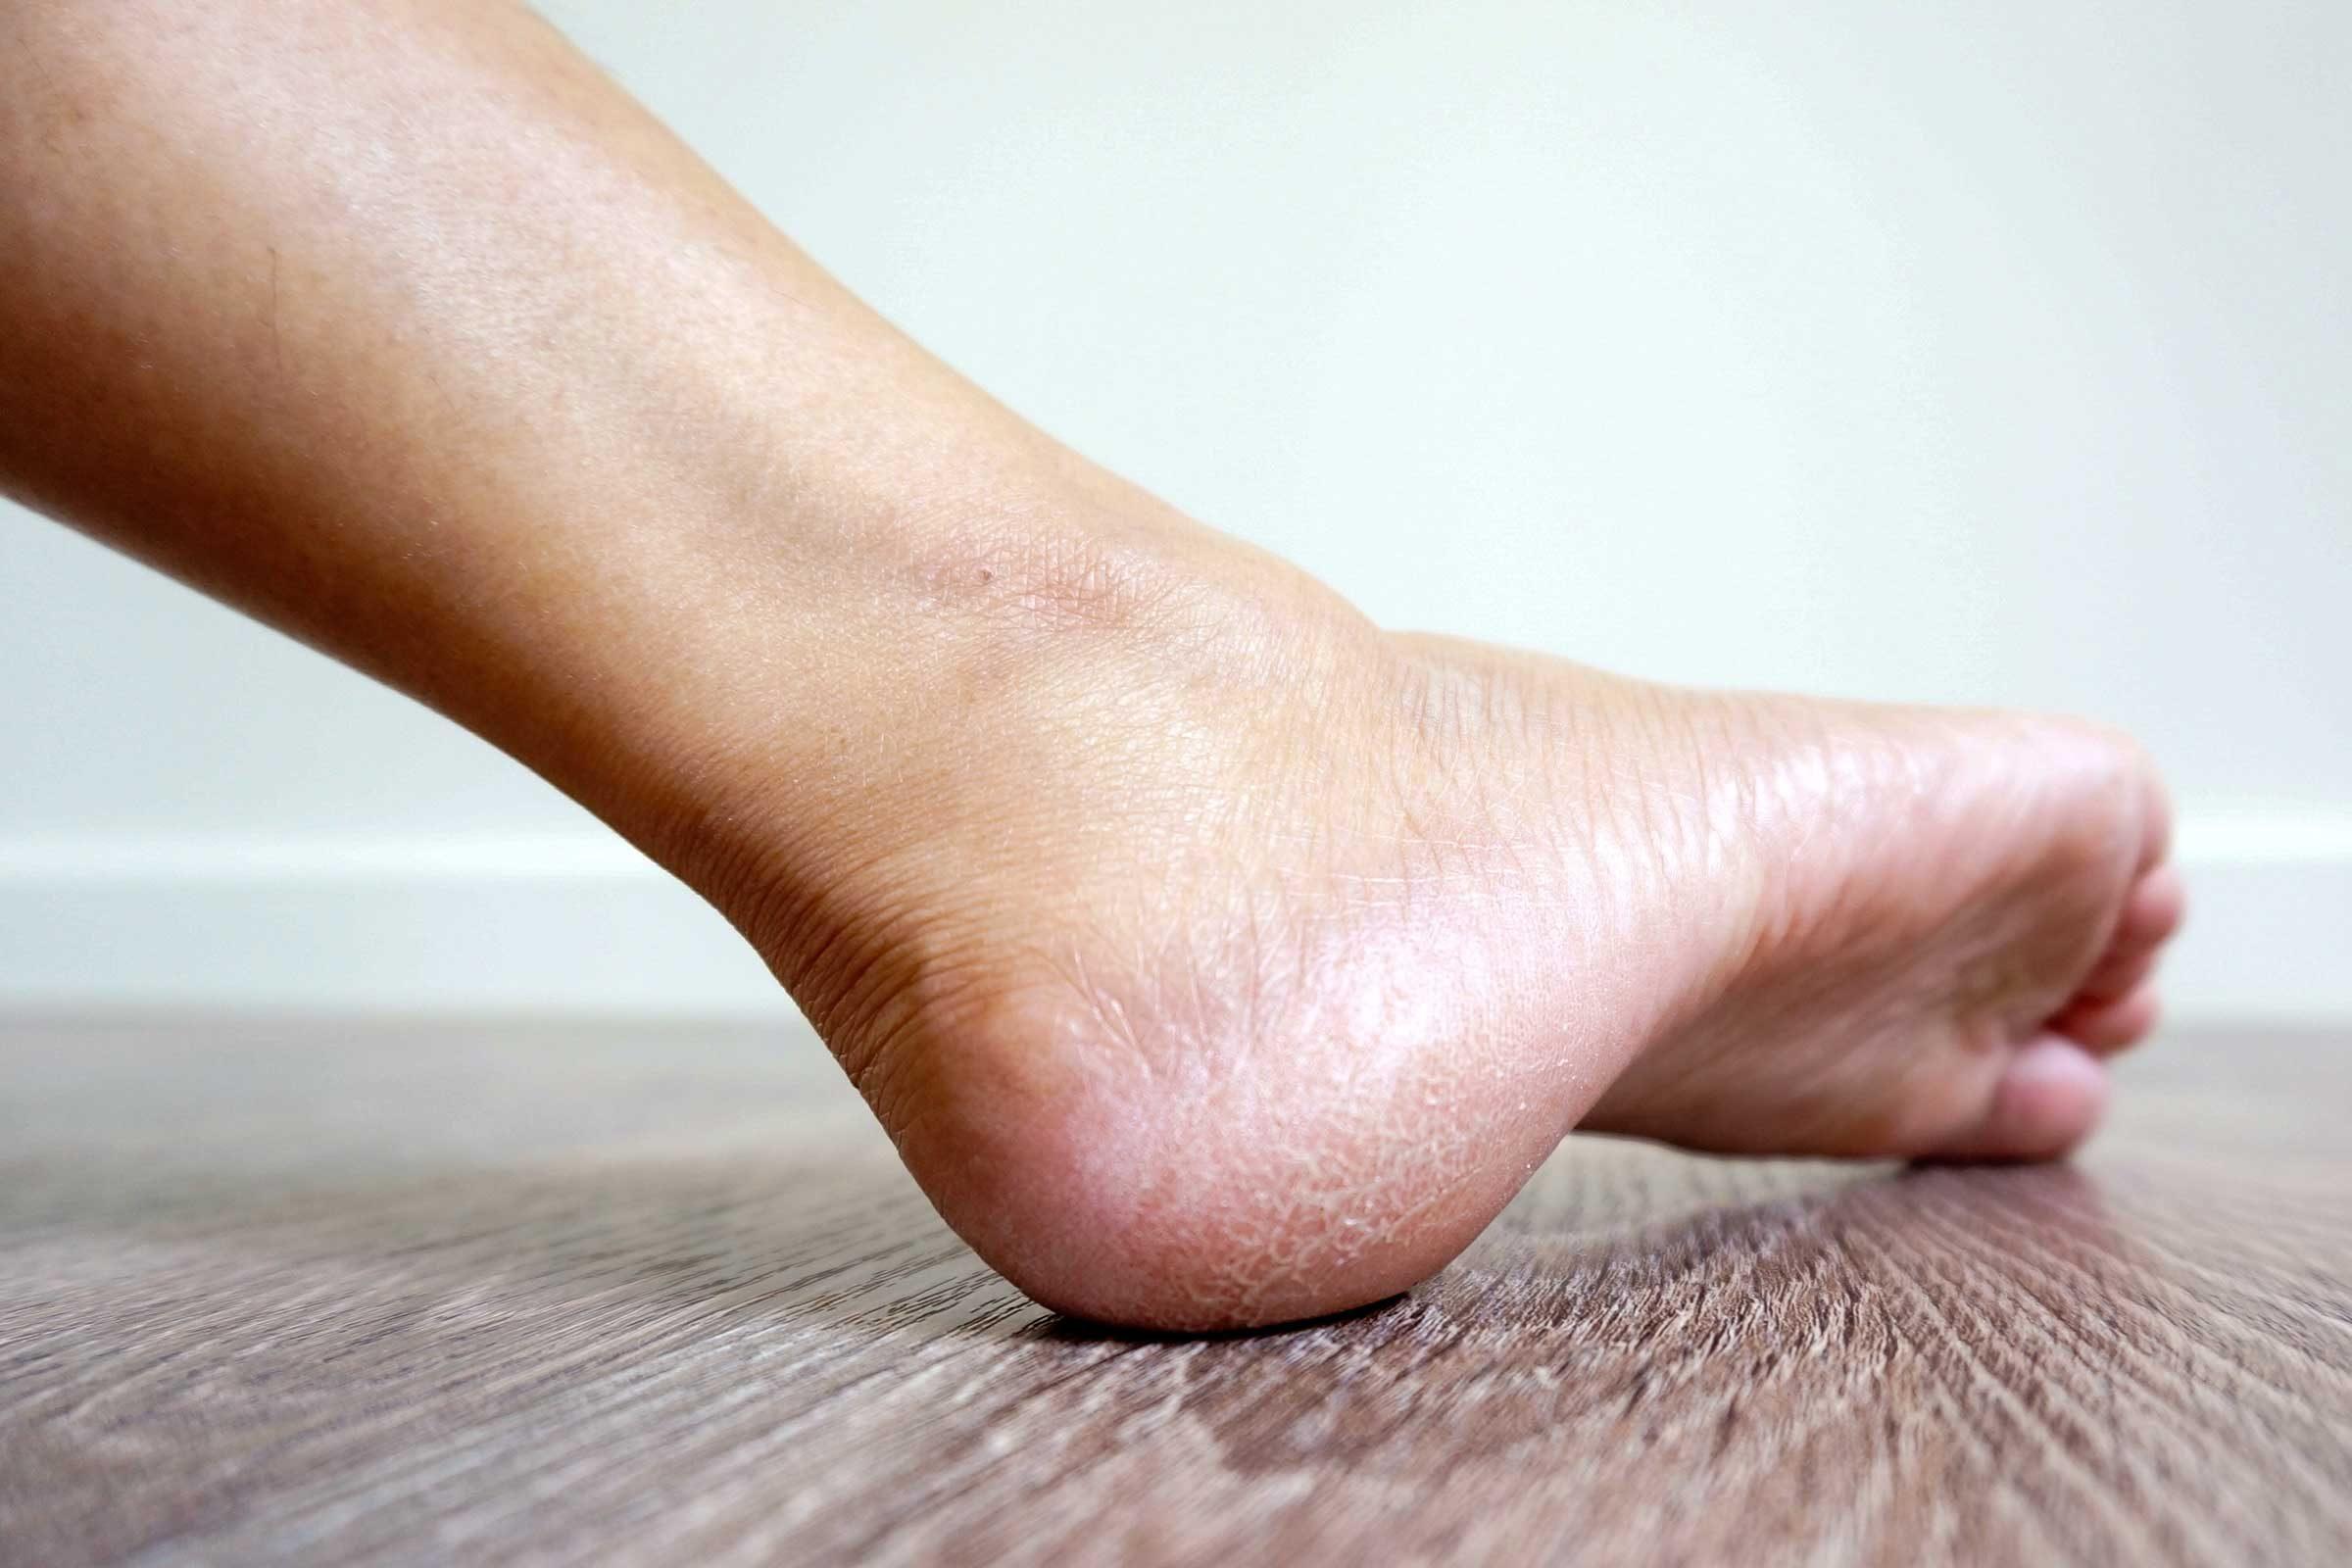 signes-manque-proteine-peau-rugueuse